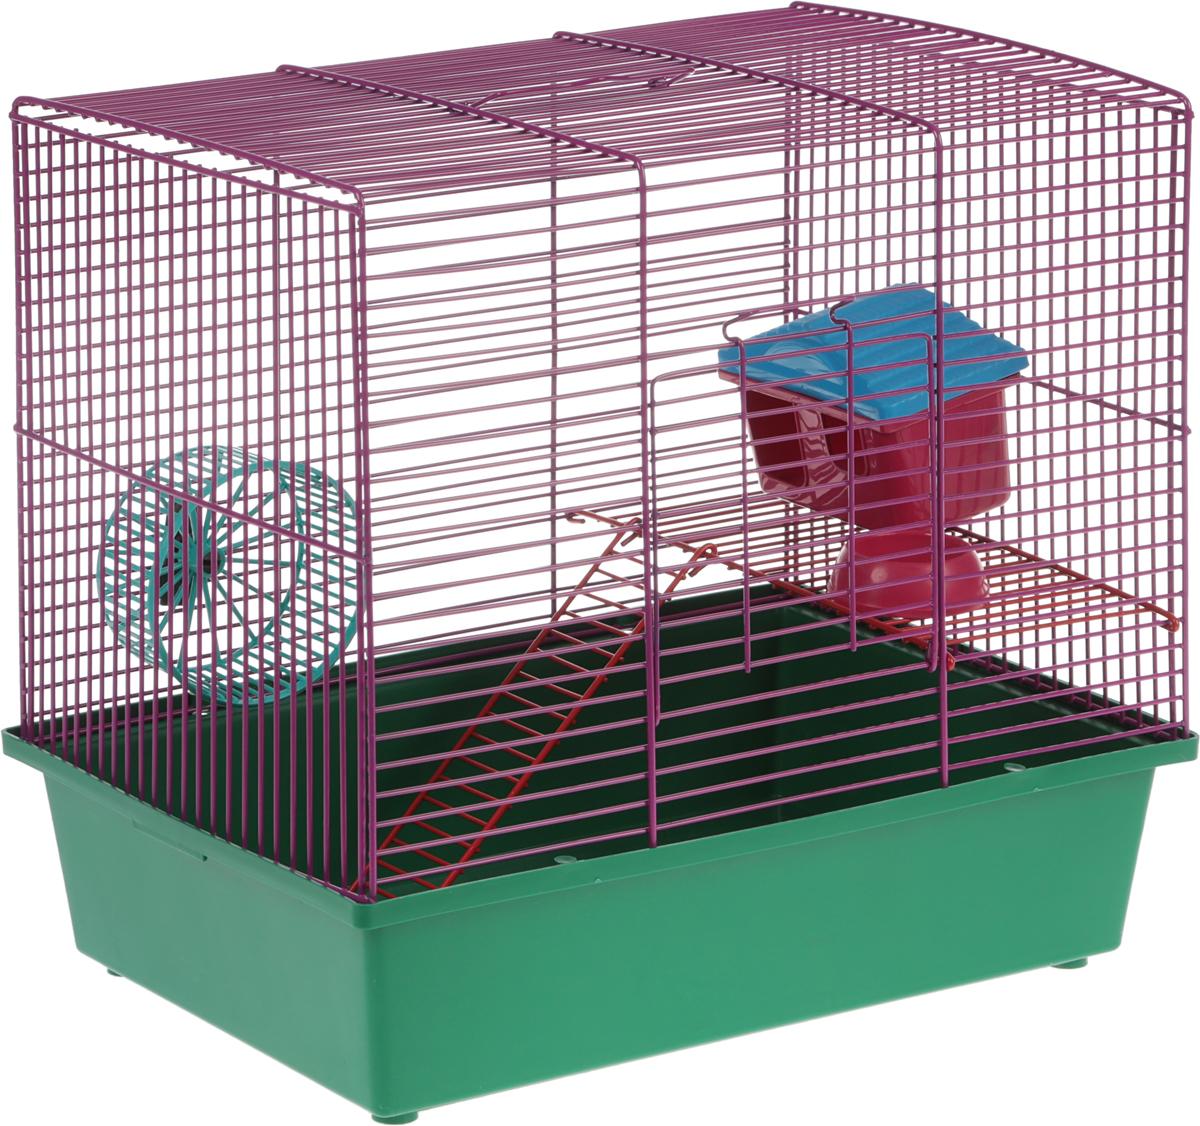 Клетка для грызунов Велес Lusy Hamster-2, 2-этажная, цвет: сиреневый, зеленый, 35 х 26 х 26 см215_зеленыйКлетка Lusy Hamster-2, выполненная из полипропилена и металла, подходит для мелких грызунов. Изделие двухэтажное, оборудовано лестницей. Клетка имеет яркий поддон, удобна в использовании и легко чистится. Сверху имеется ручка для переноски. Такая клетка станет уединенным личным пространством и уютным домиком для маленького грызуна.